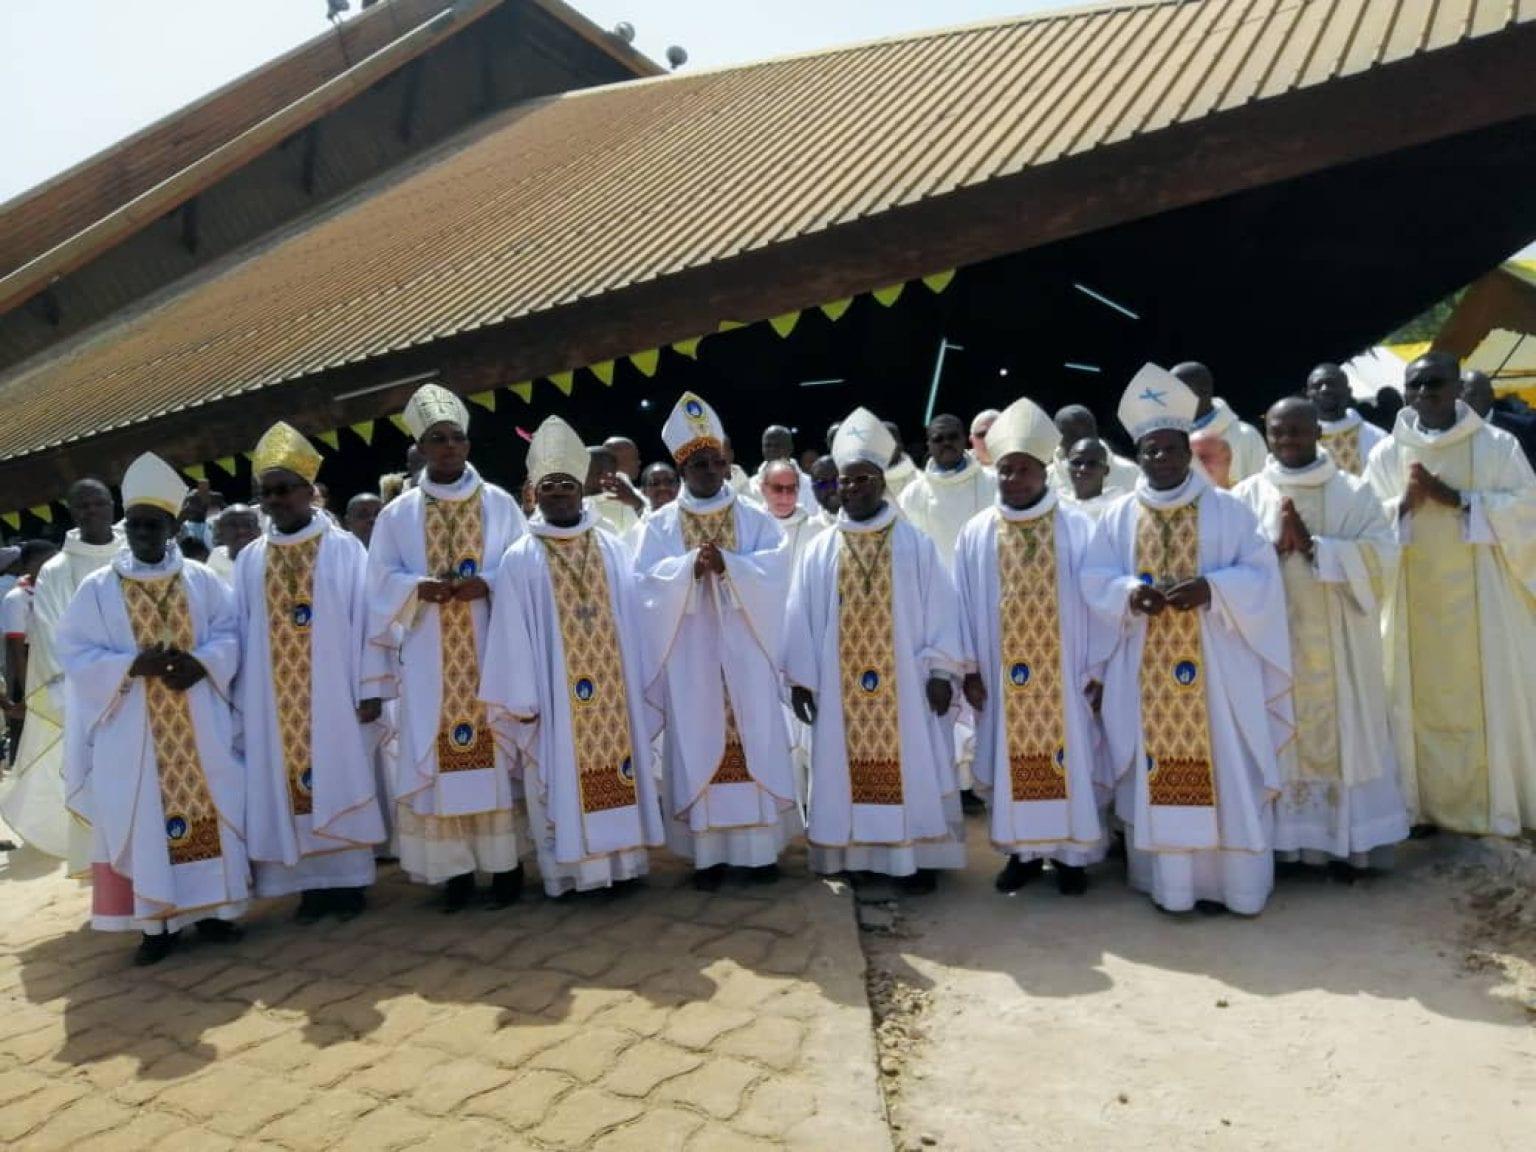 Morts dans les violences électorales en Côte d'Ivoire : les évêques catholiques exigent « une commission d'enquête indépendante »